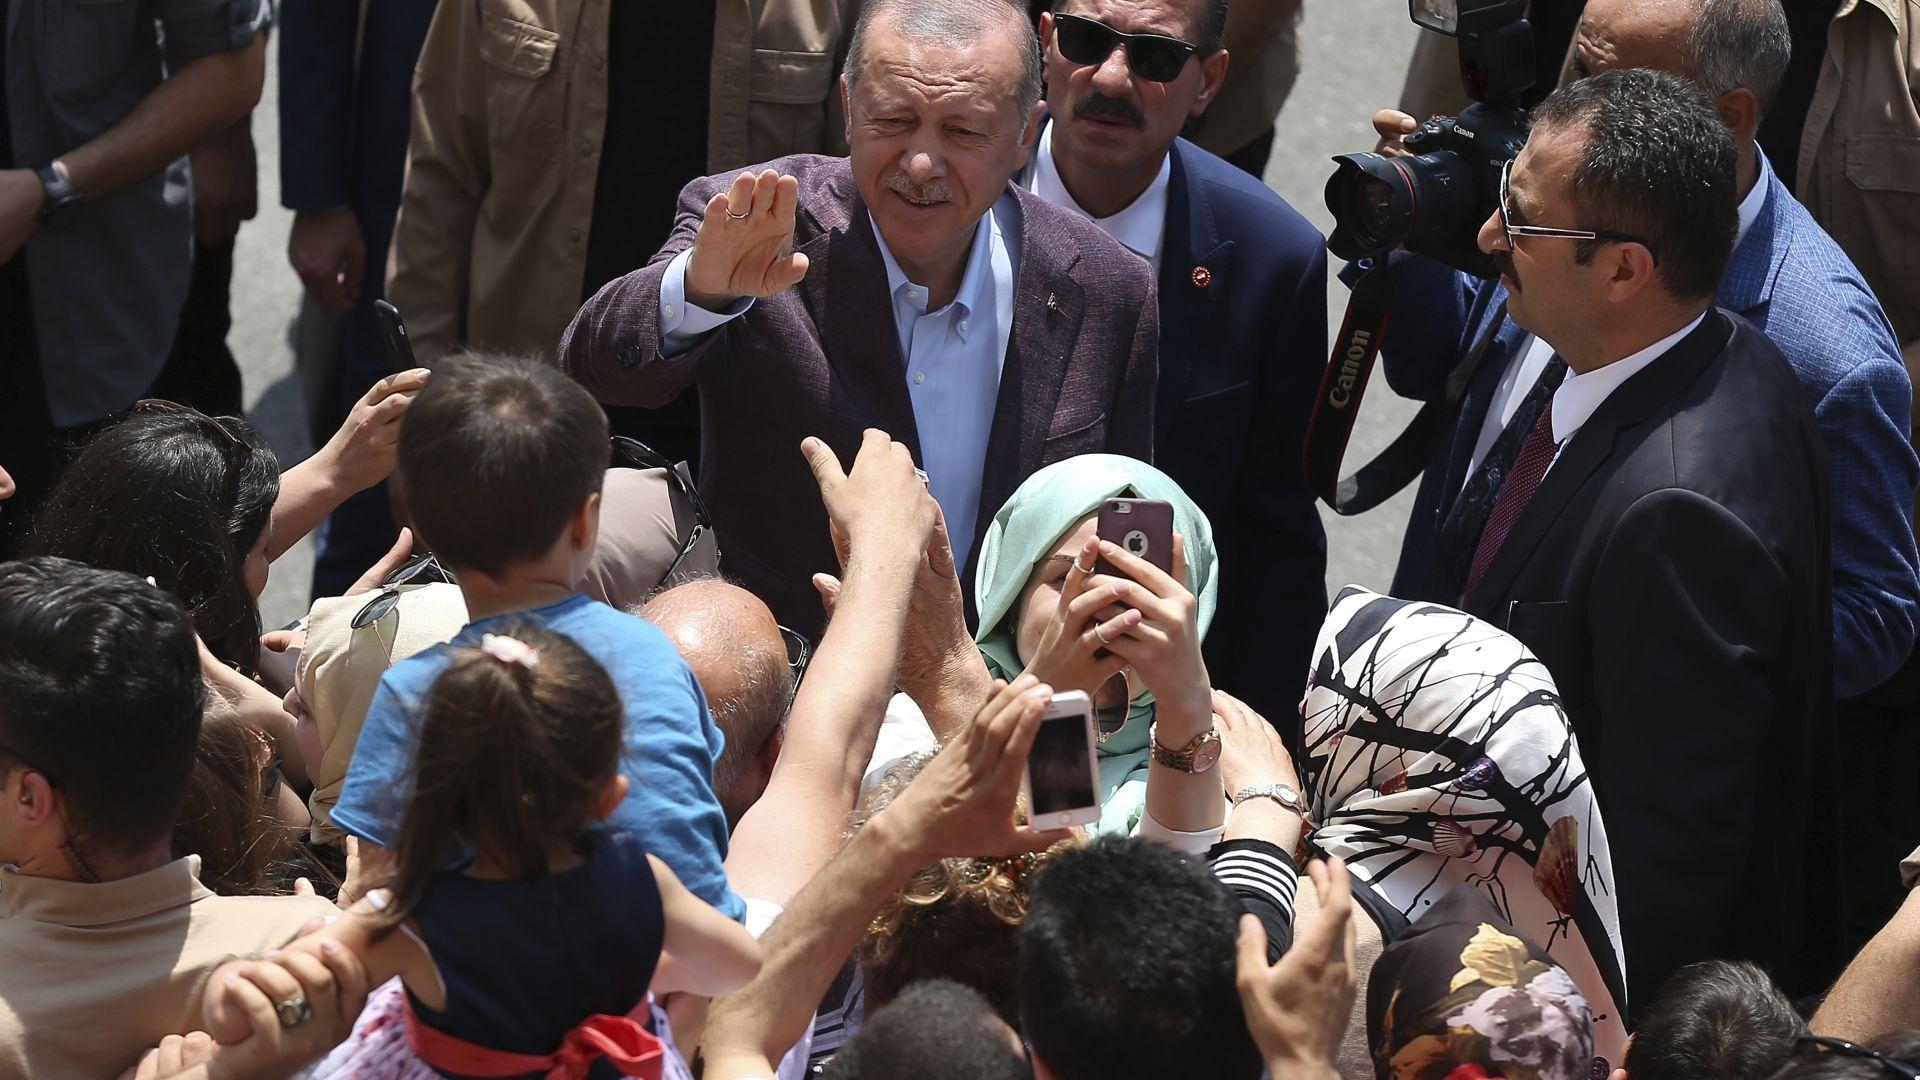 Ердоган поздрави Имамоглу за победата, но през социалните мрежи